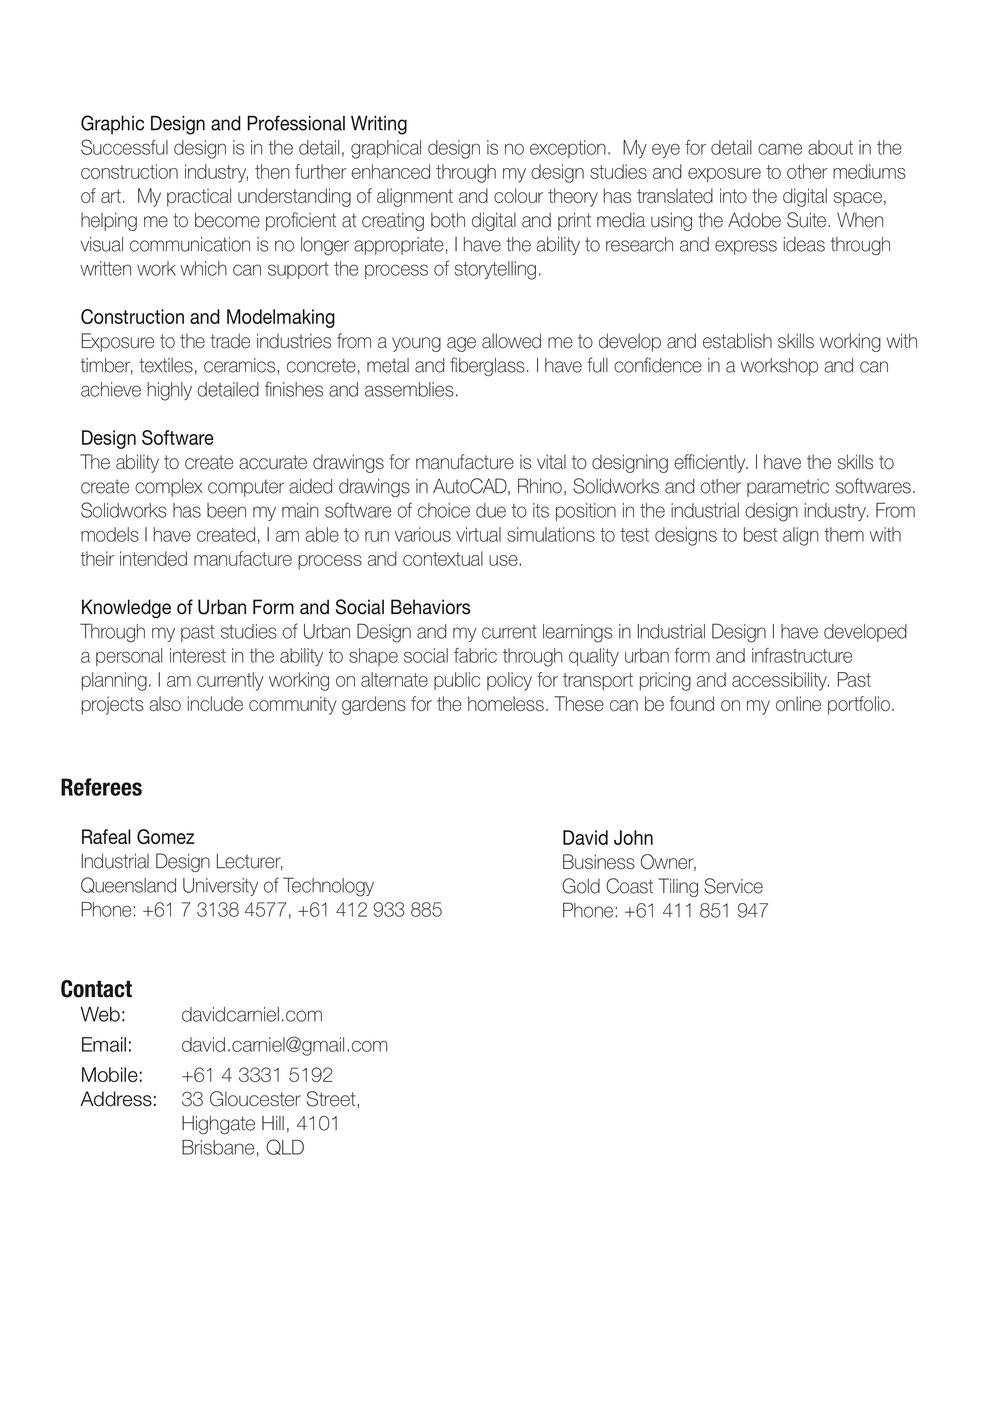 Berühmt Beste Lebenslauf Design Software Bilder - Entry Level Resume ...